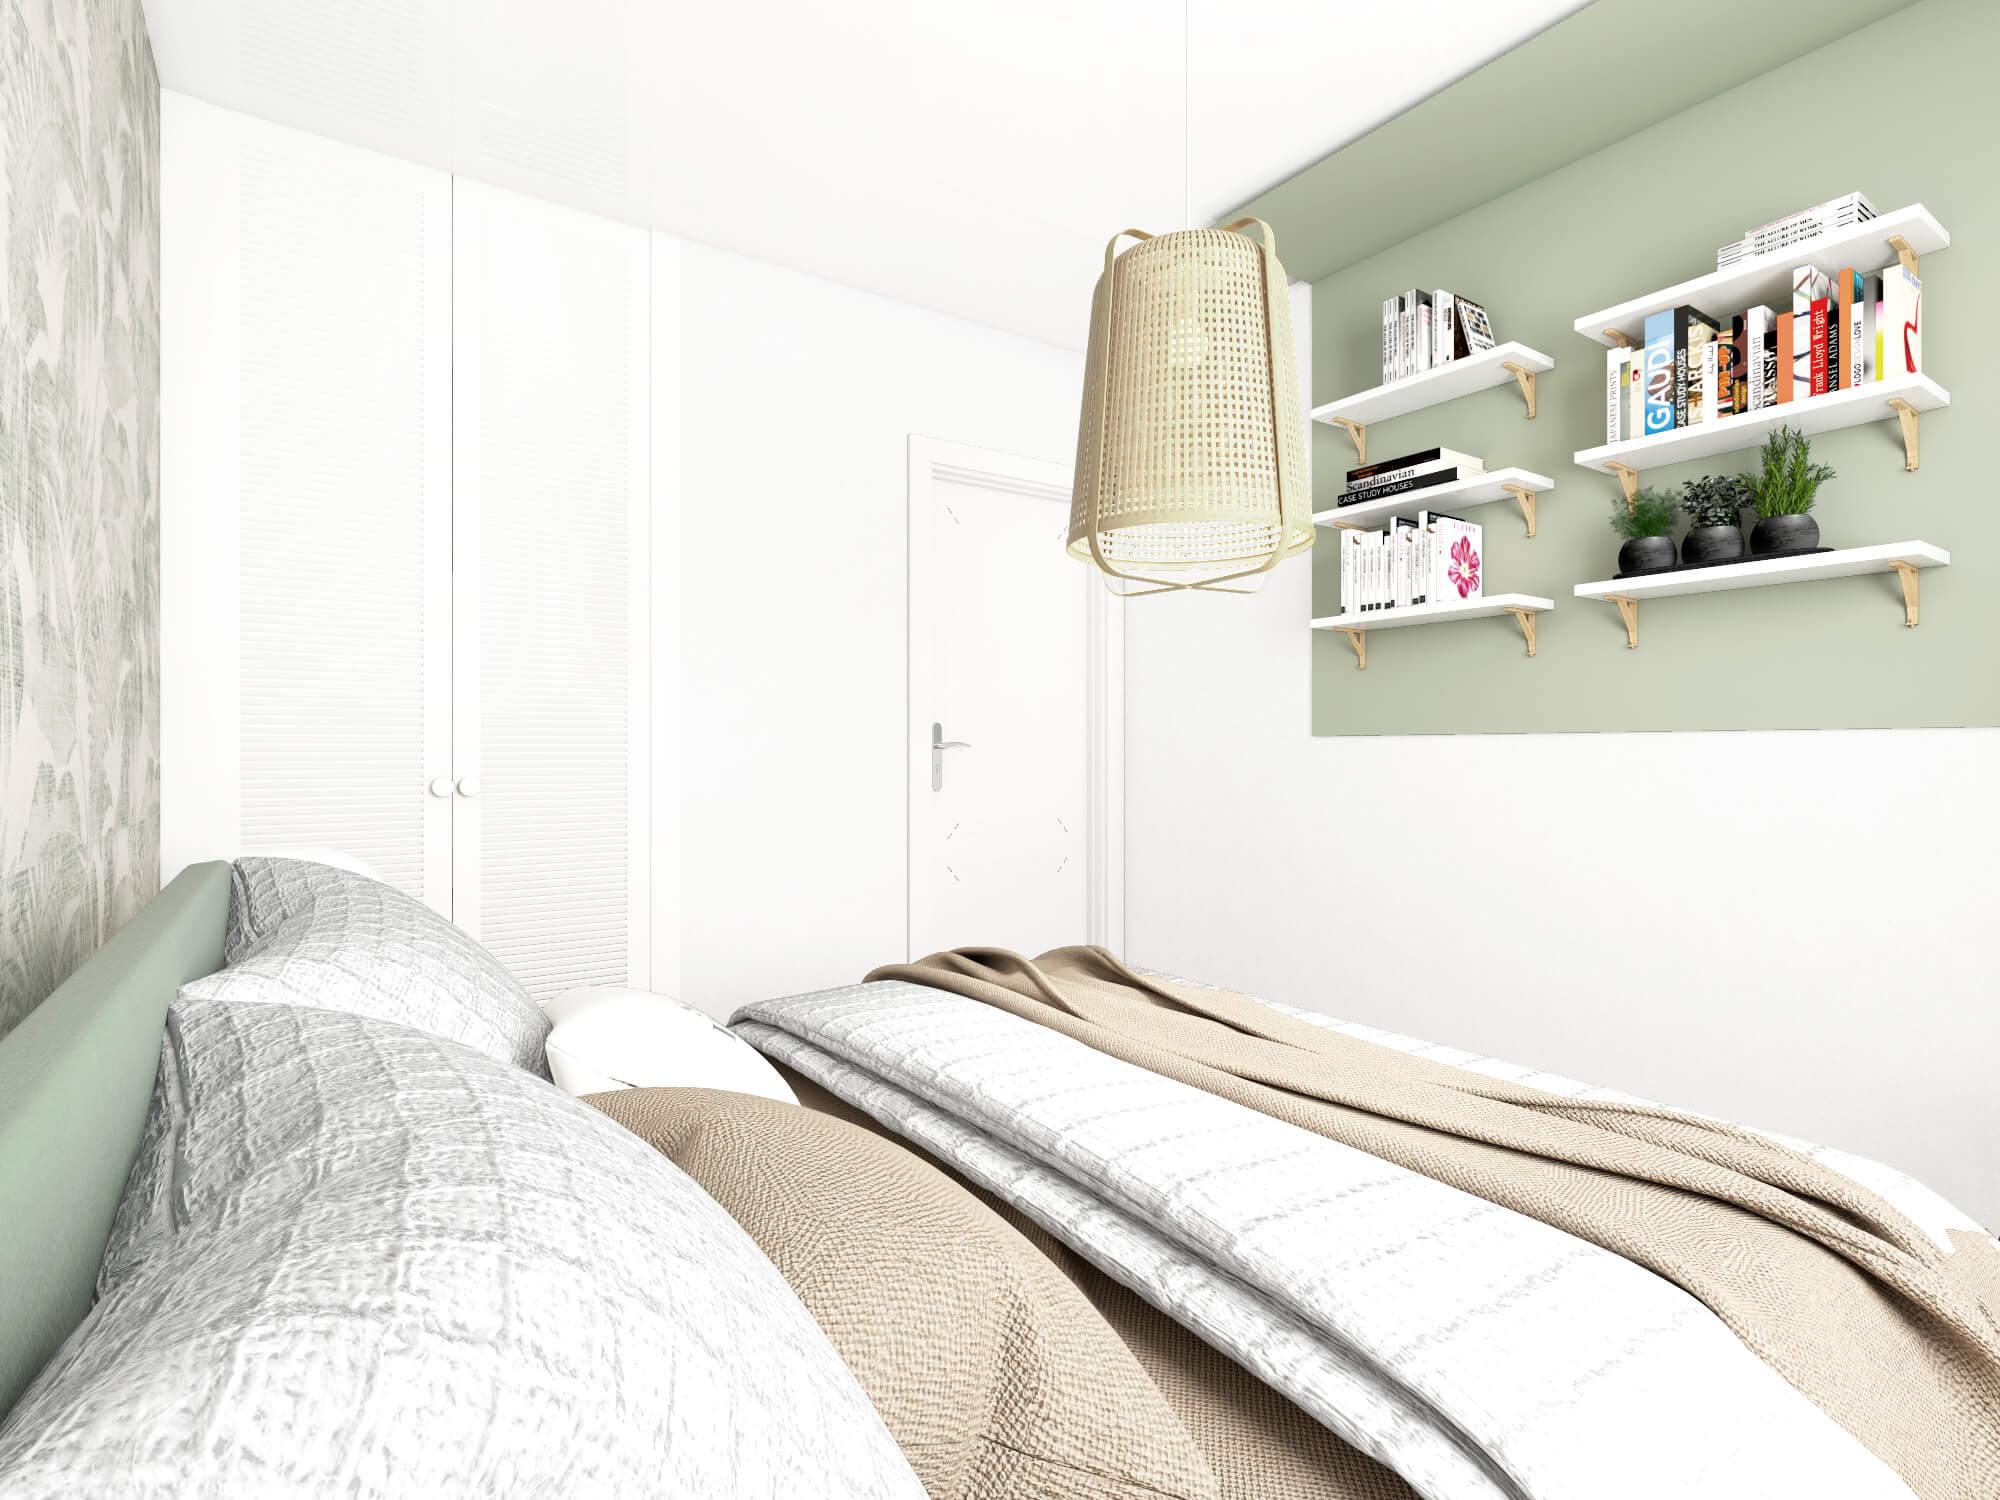 Sypialnia z garderobą w stylu Boho